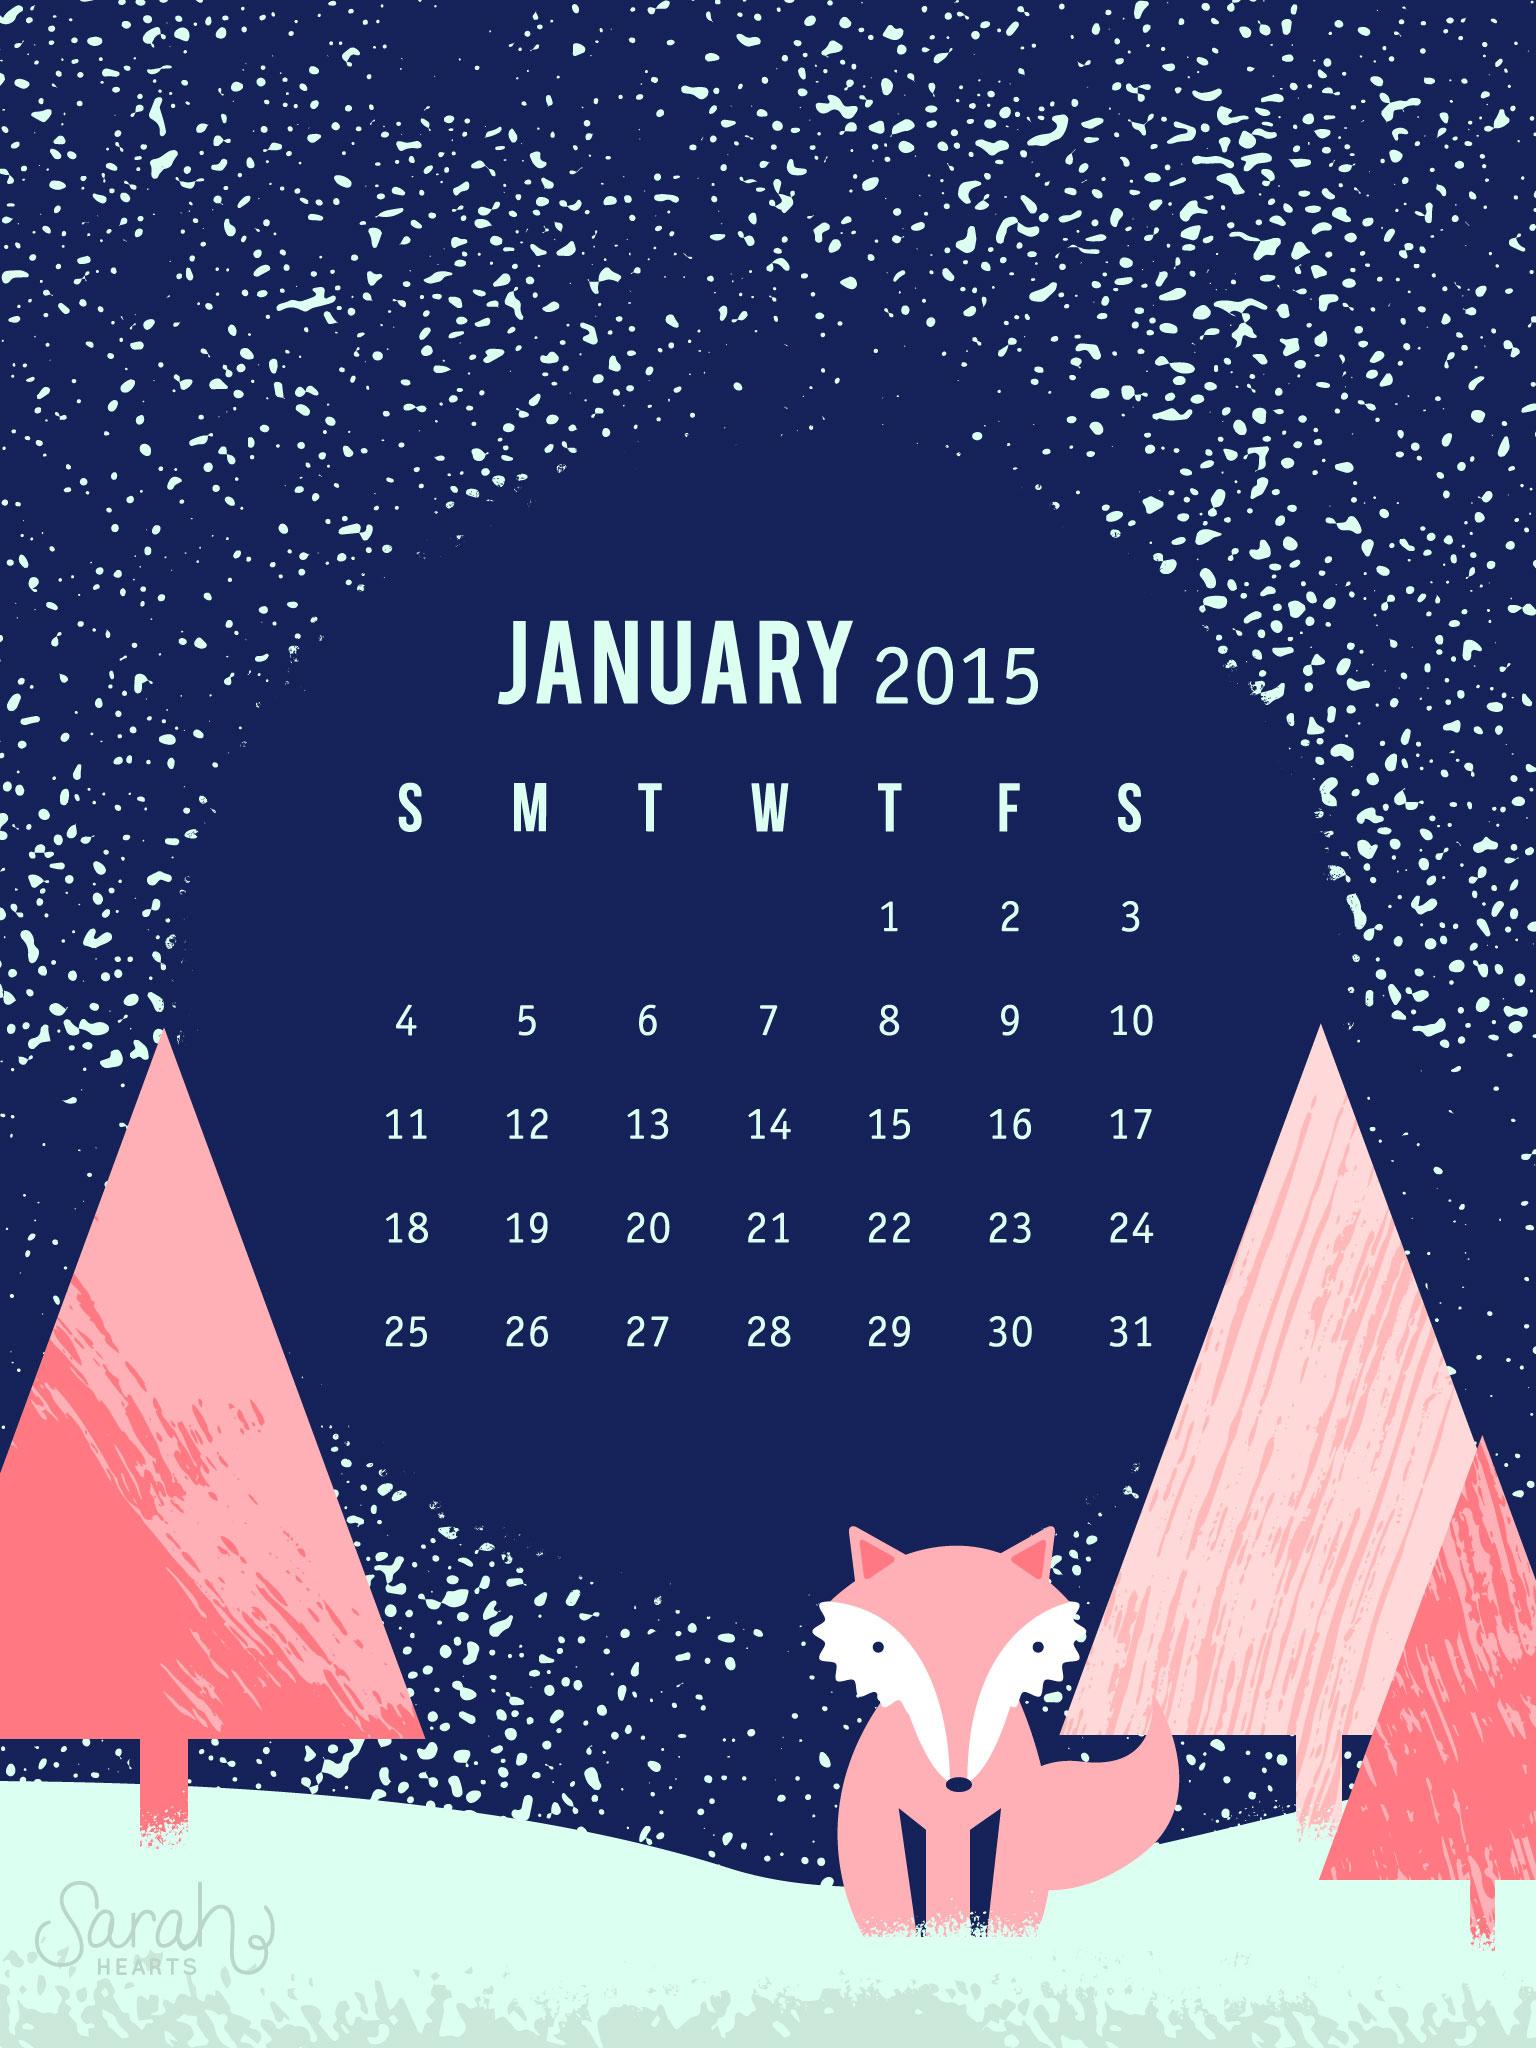 Cute Ipad Wallpaper Pinterest January 2015 Calendar Wallpaper Sarah Hearts